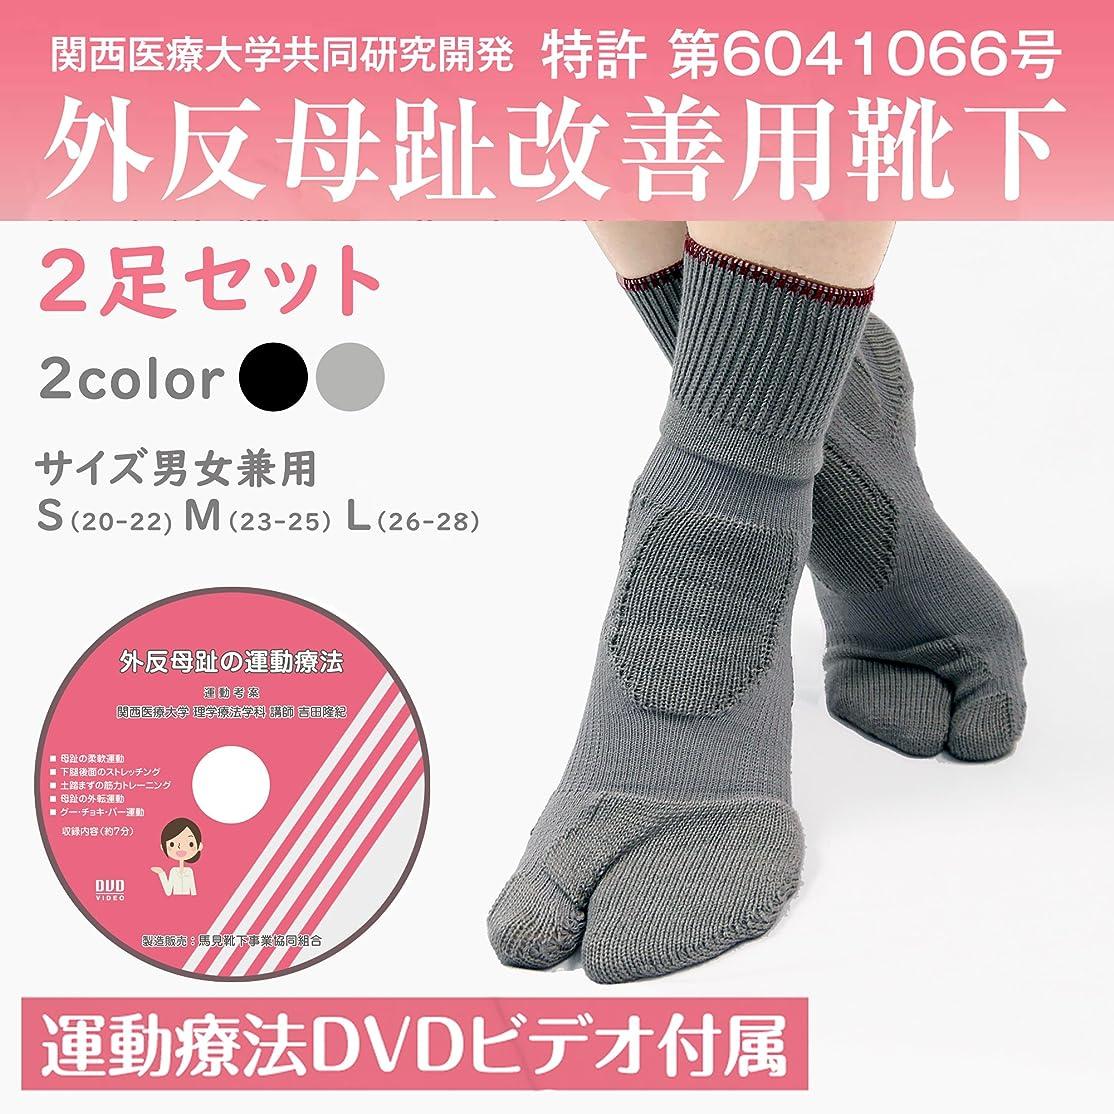 より平らな伸ばす暗黙外反母趾改善用靴下2足セット、運動療法DVDビデオ付(カサネラボ)kasane lab. (グレー, S:20-22cm)